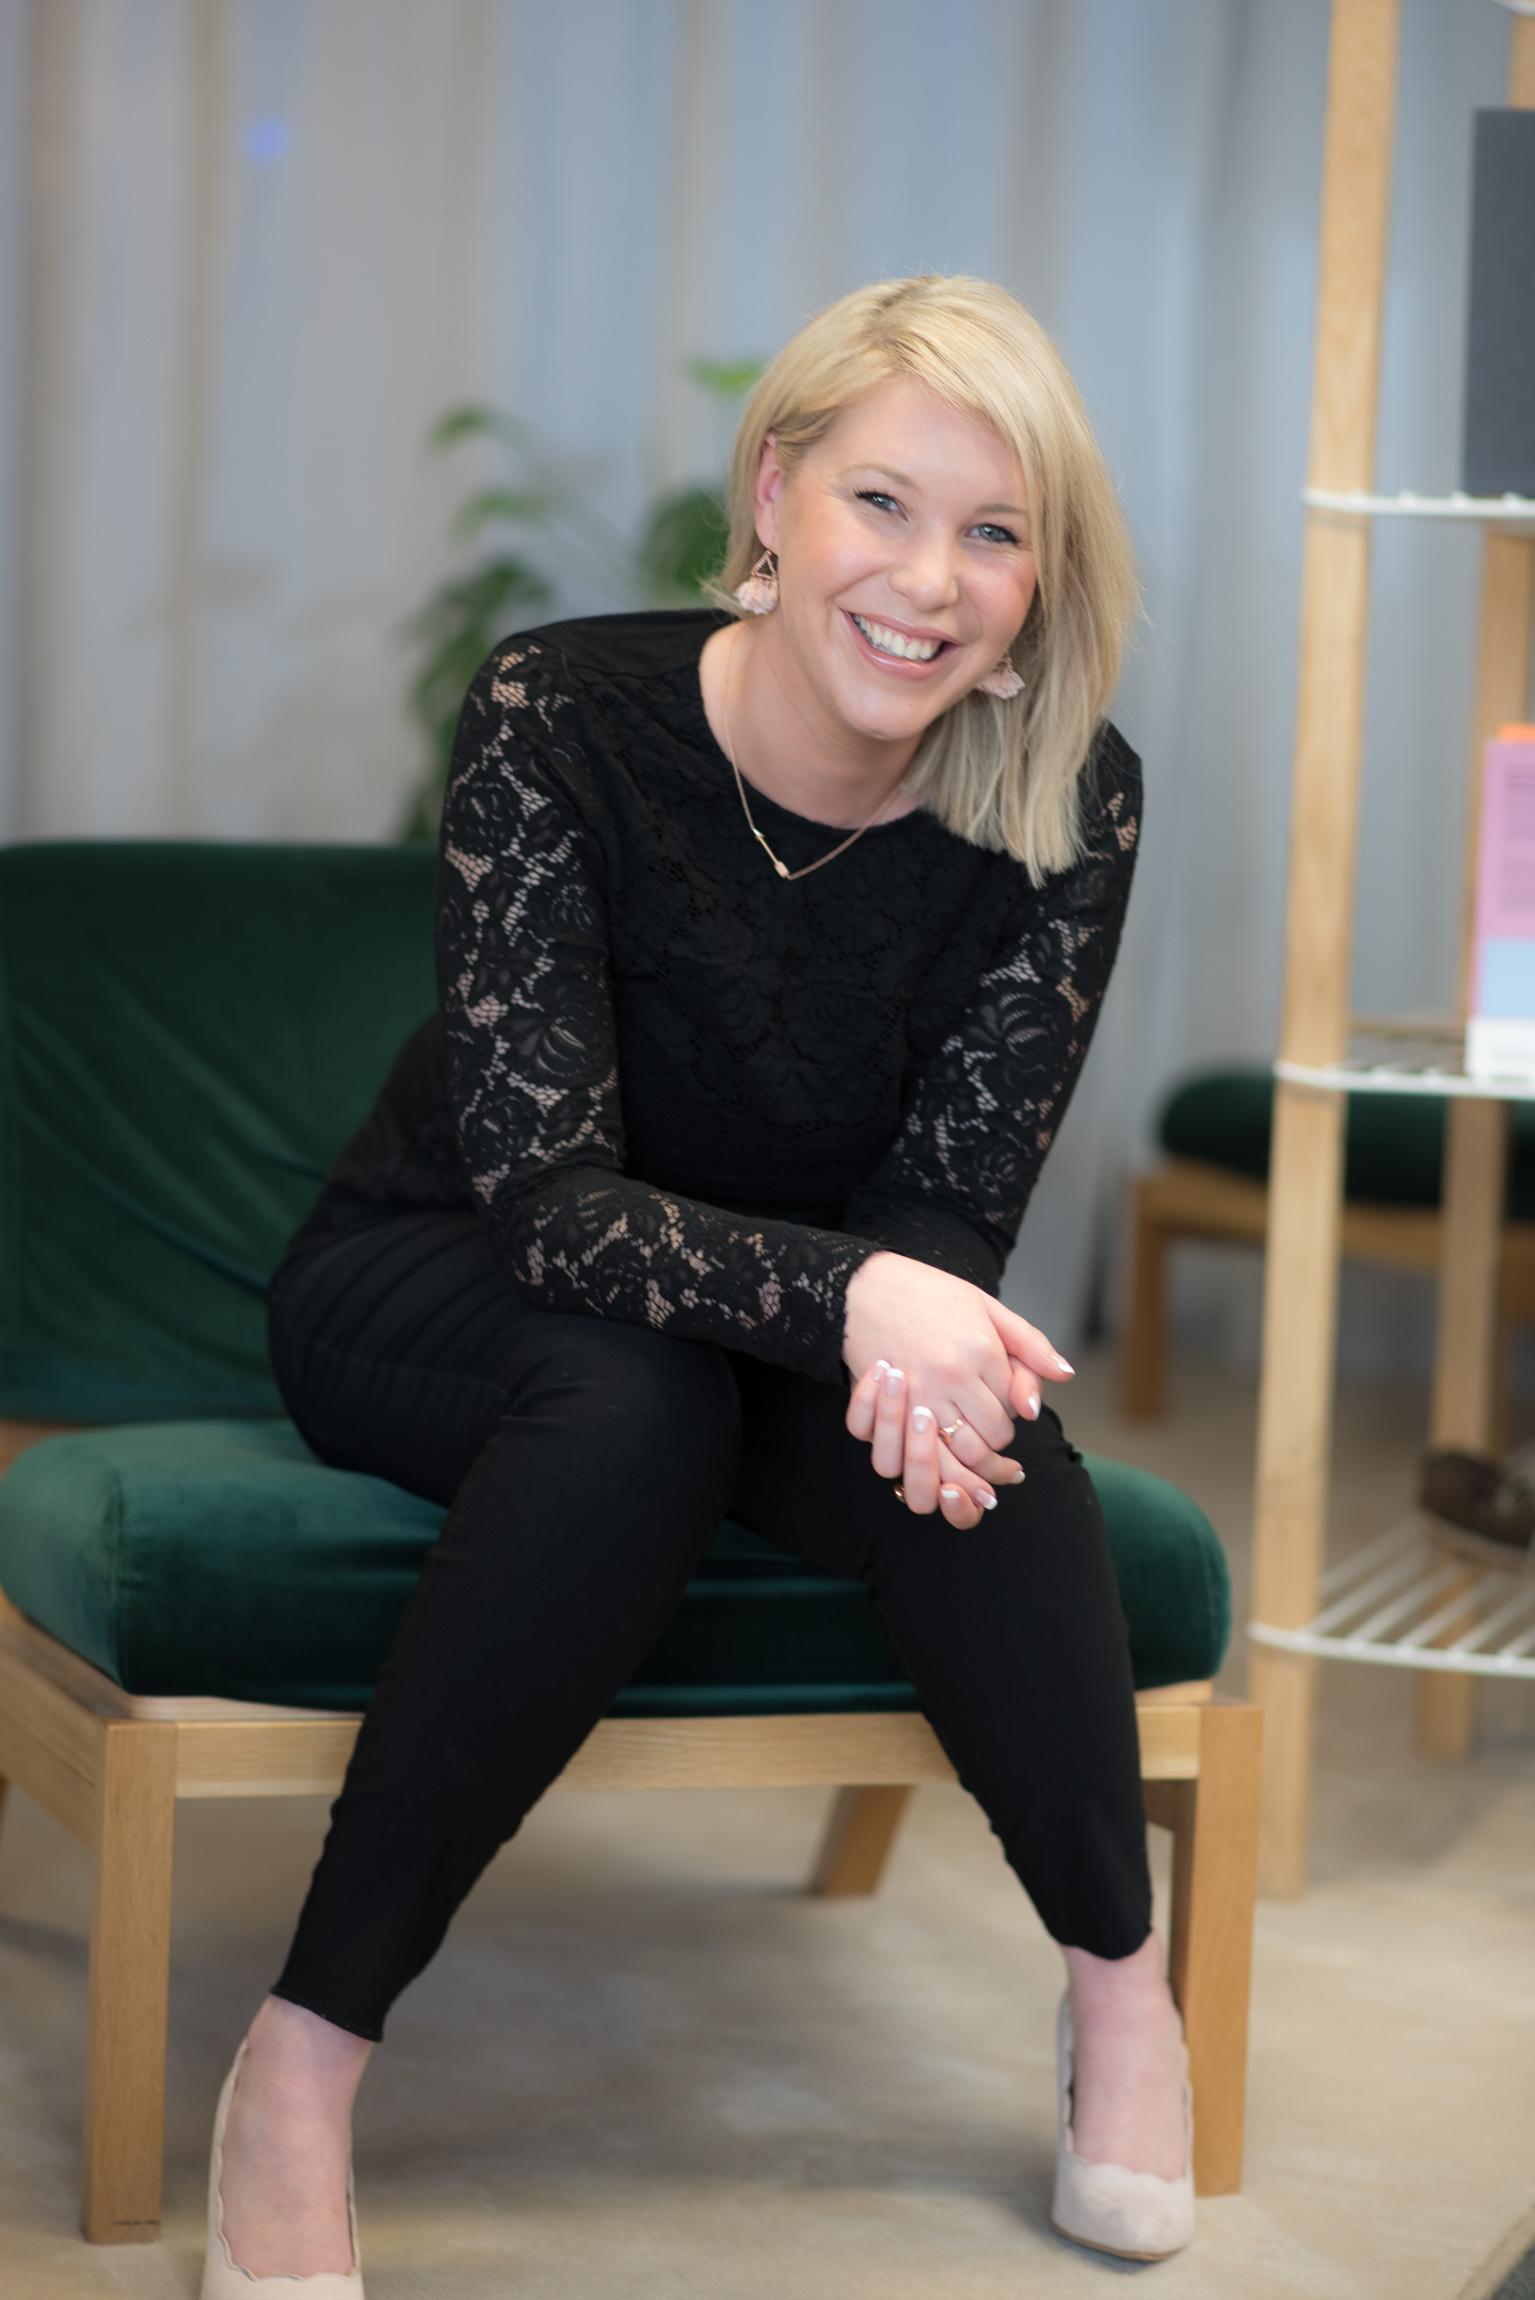 Hannah Delaney, Partner at Delaney & Thorn Public Relations